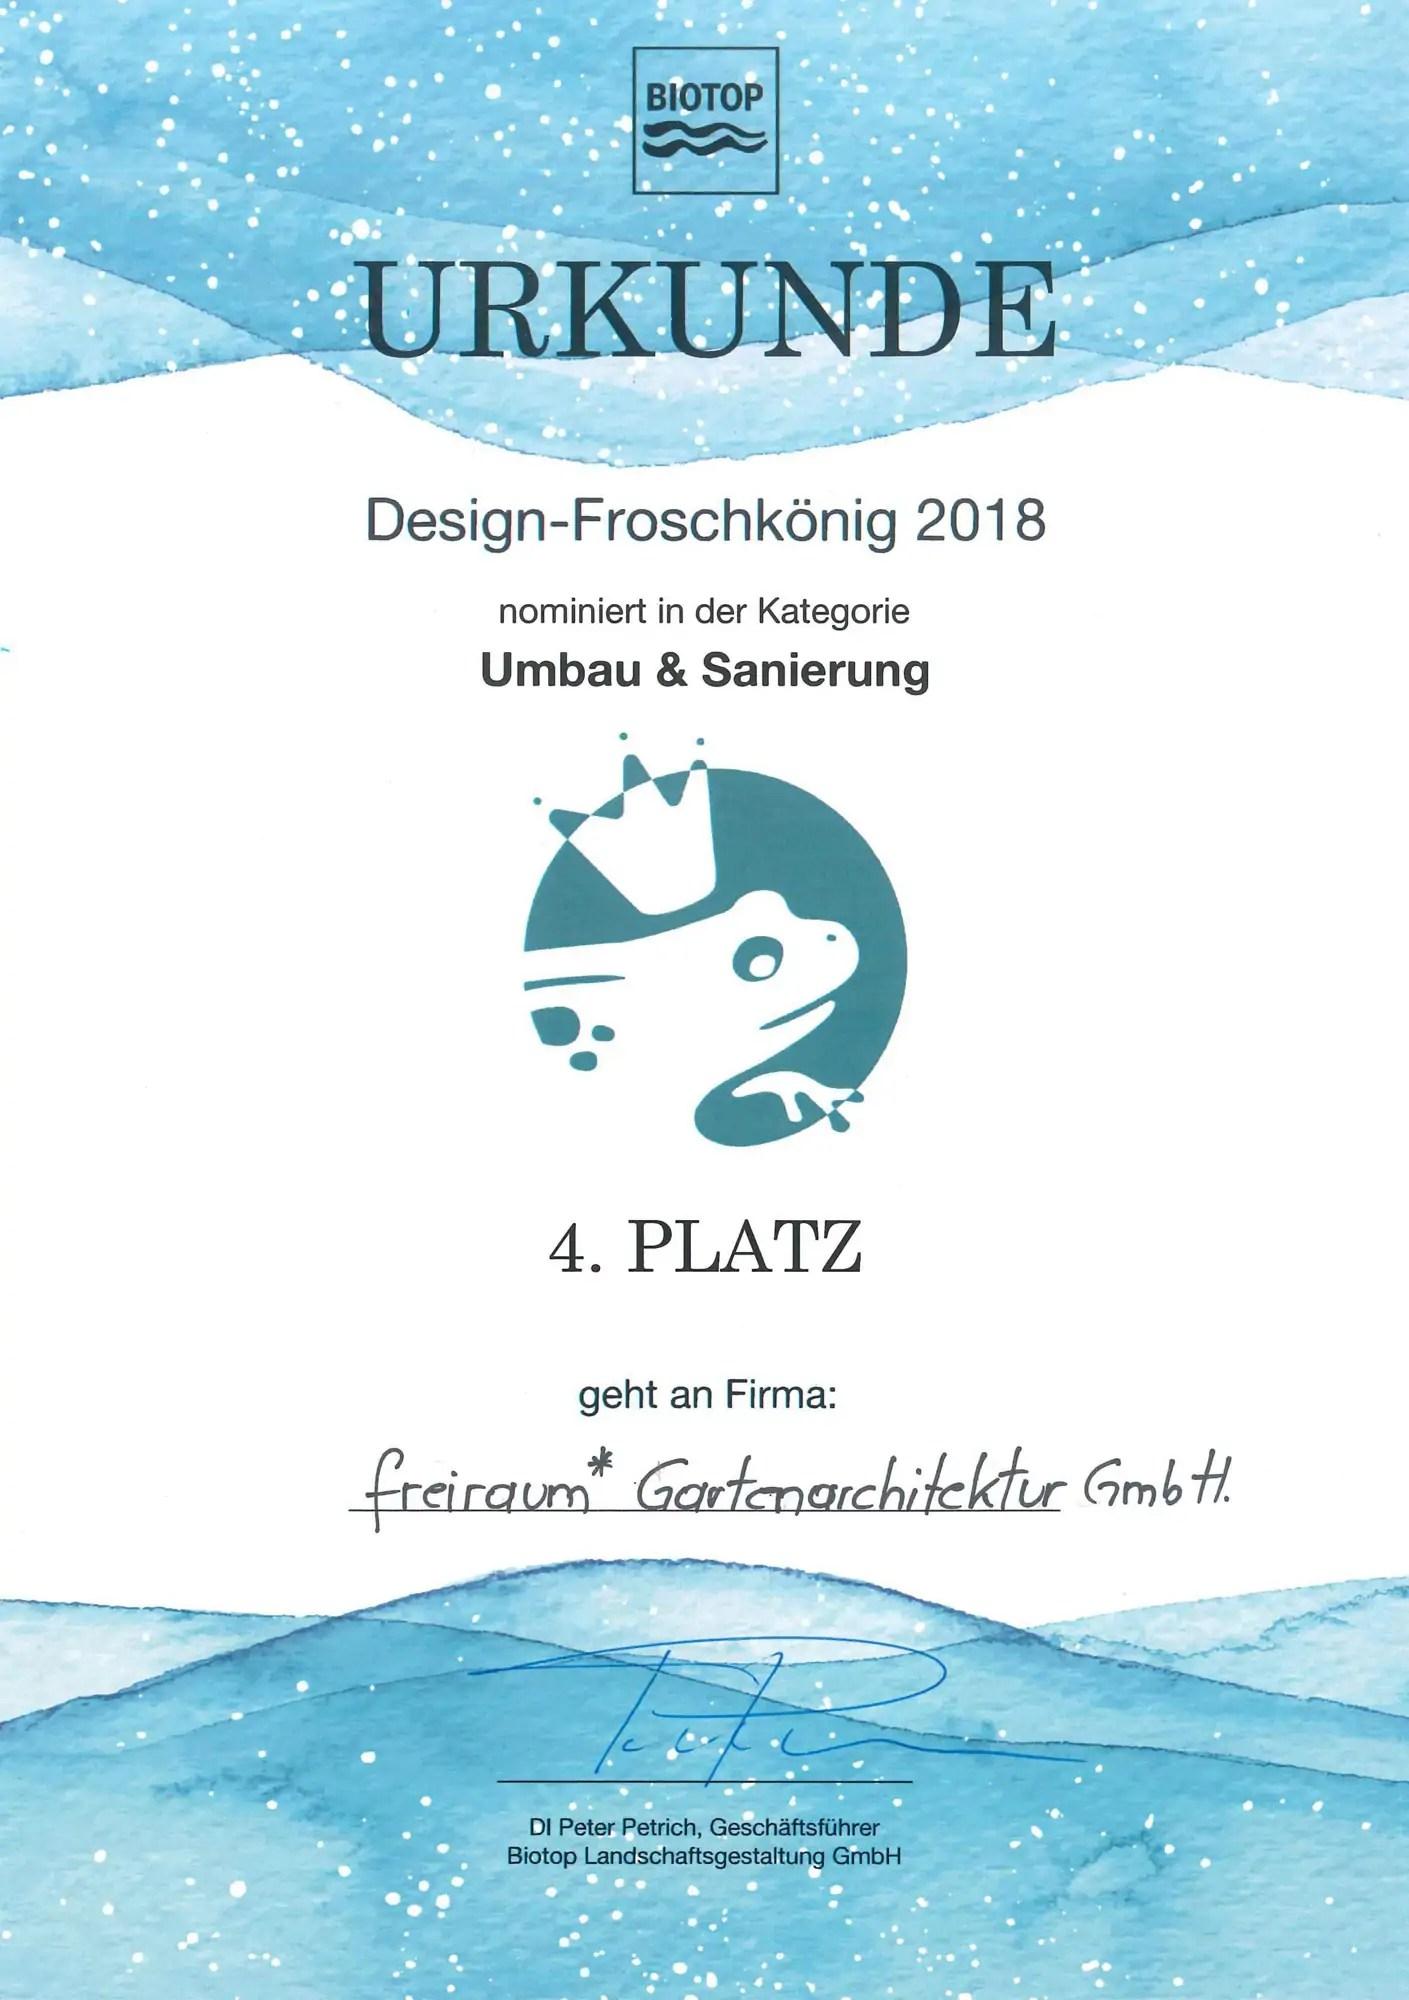 FREIRAUM Urkunde Design Froschkoenig 2018